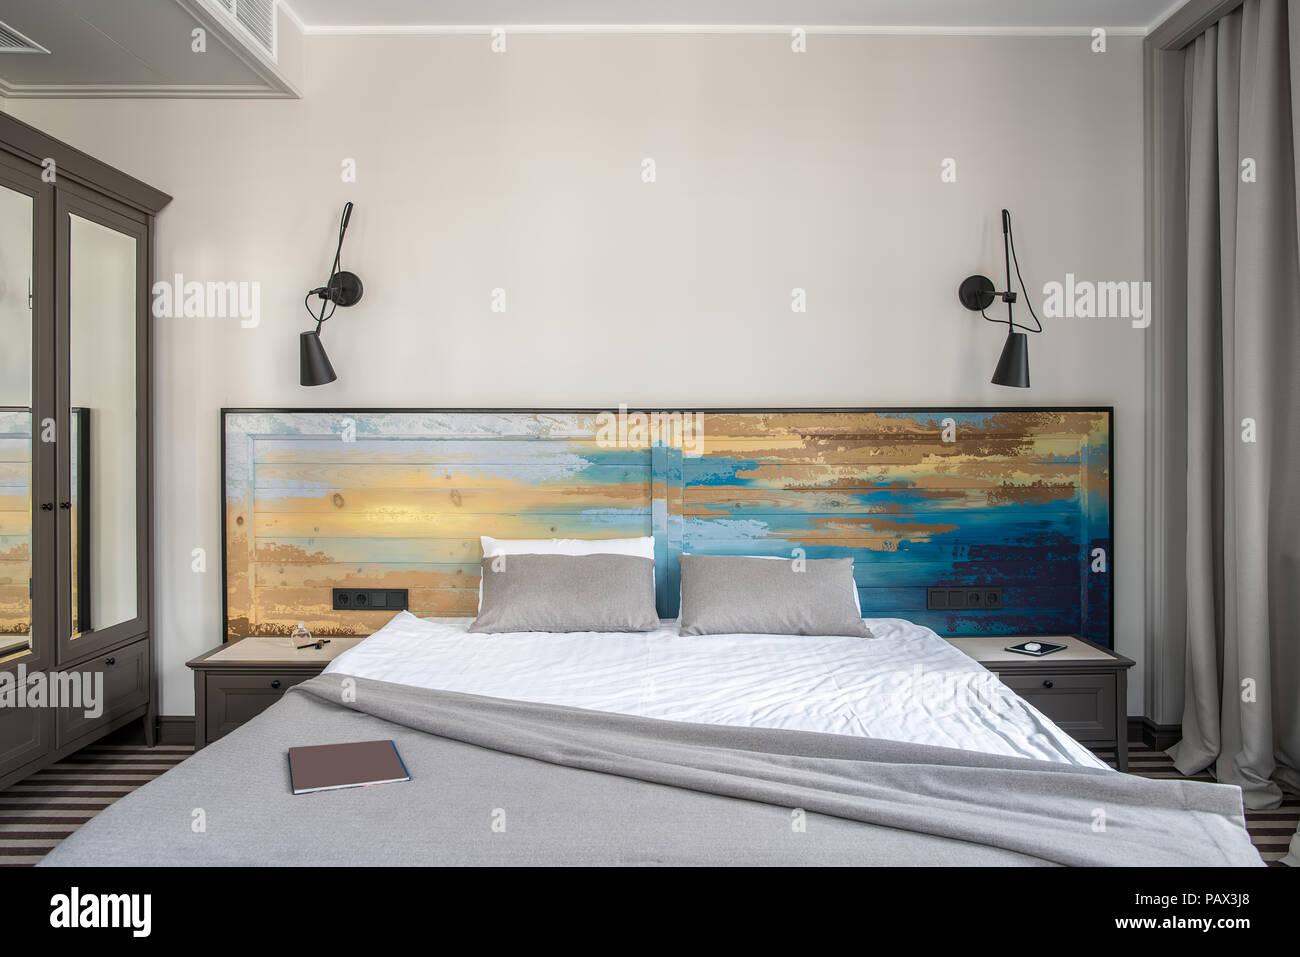 Parete Testata Letto Matrimoniale hotel confortevole camera con pareti di colore chiaro e un